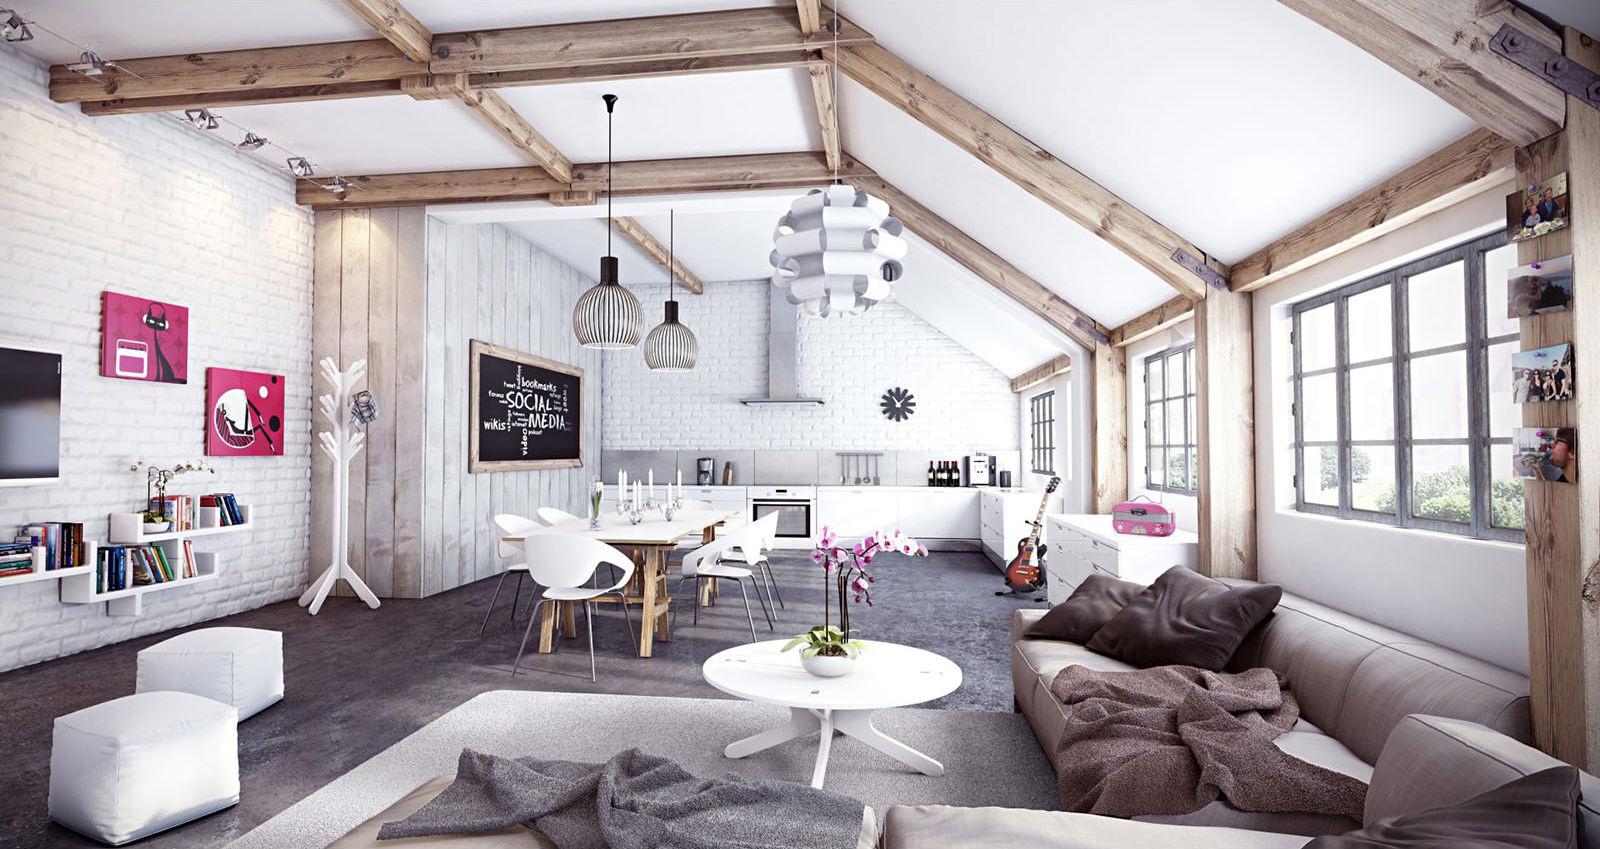 Дизайн в стиле лофт: 170+ (фото) гостиной/кухни/спальни/прихожей